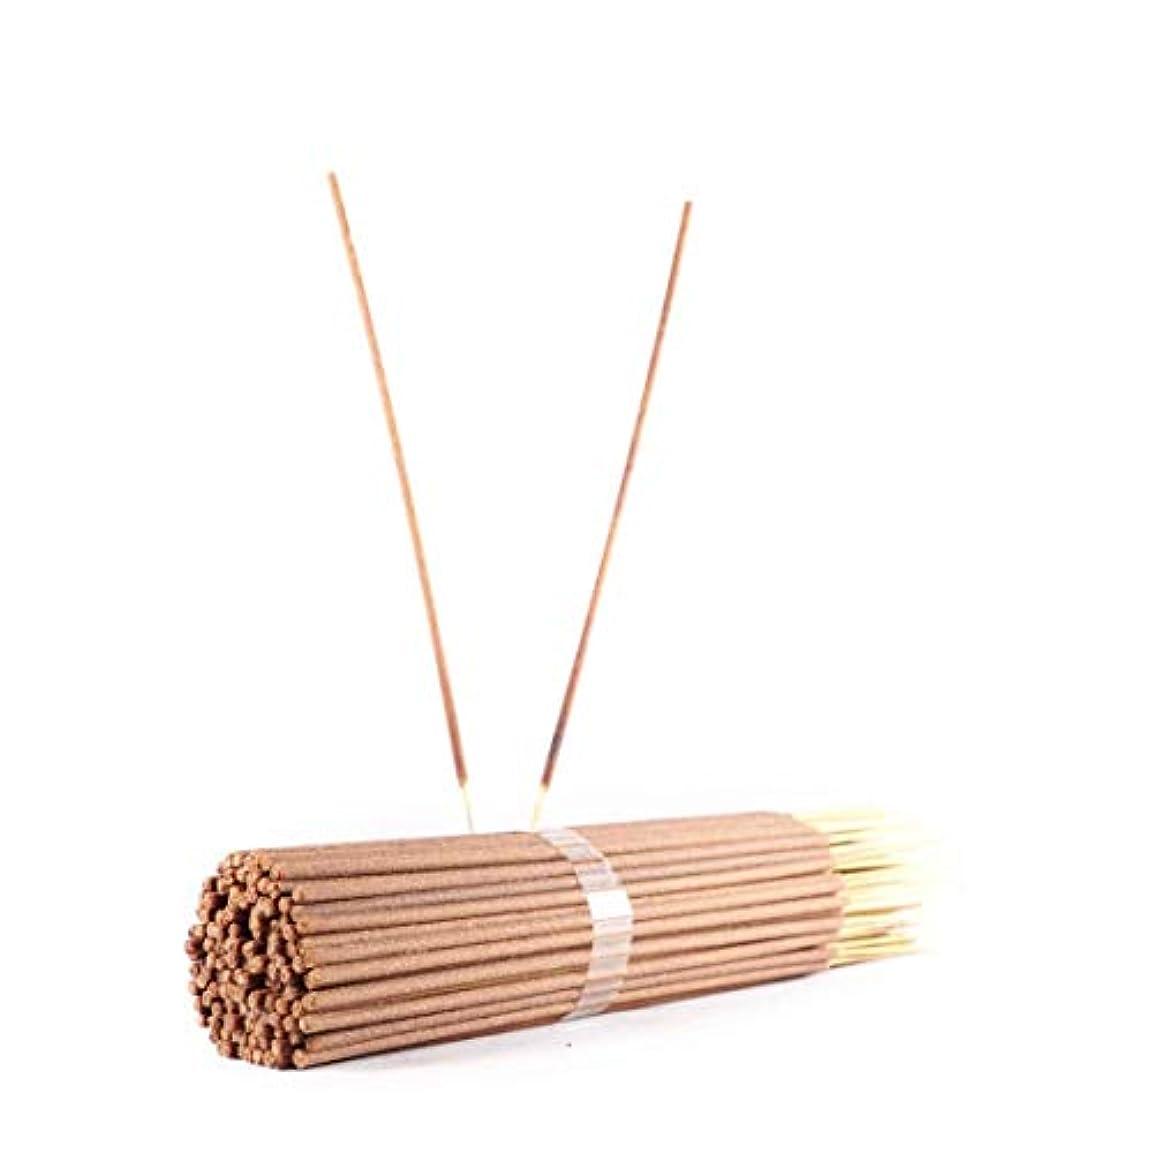 認識叙情的な退屈Gifteniaa Wonderful Vaishnavi Fragrant 9 Inches insence Sticks and Masala Insence Sticks (50 Sticks)